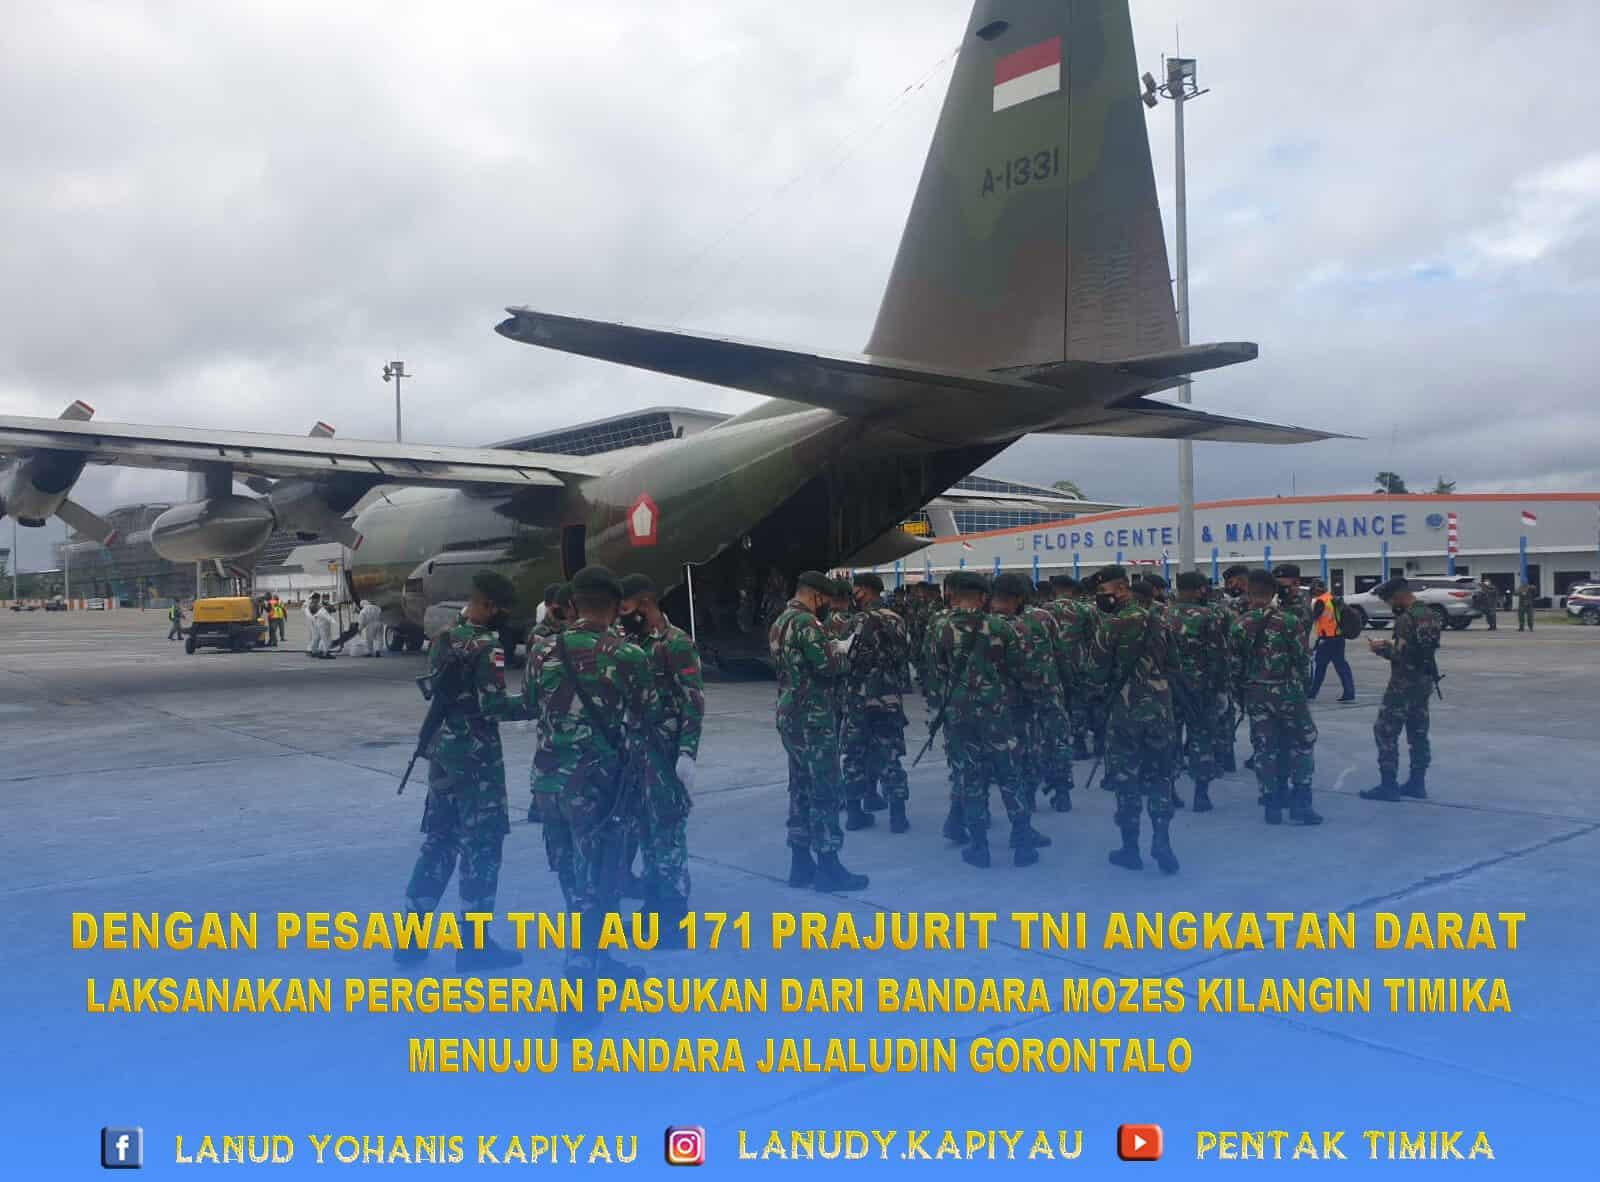 171 prajurit tni angkatan darat melakukan pergeseran menggunakan pesawat tni au